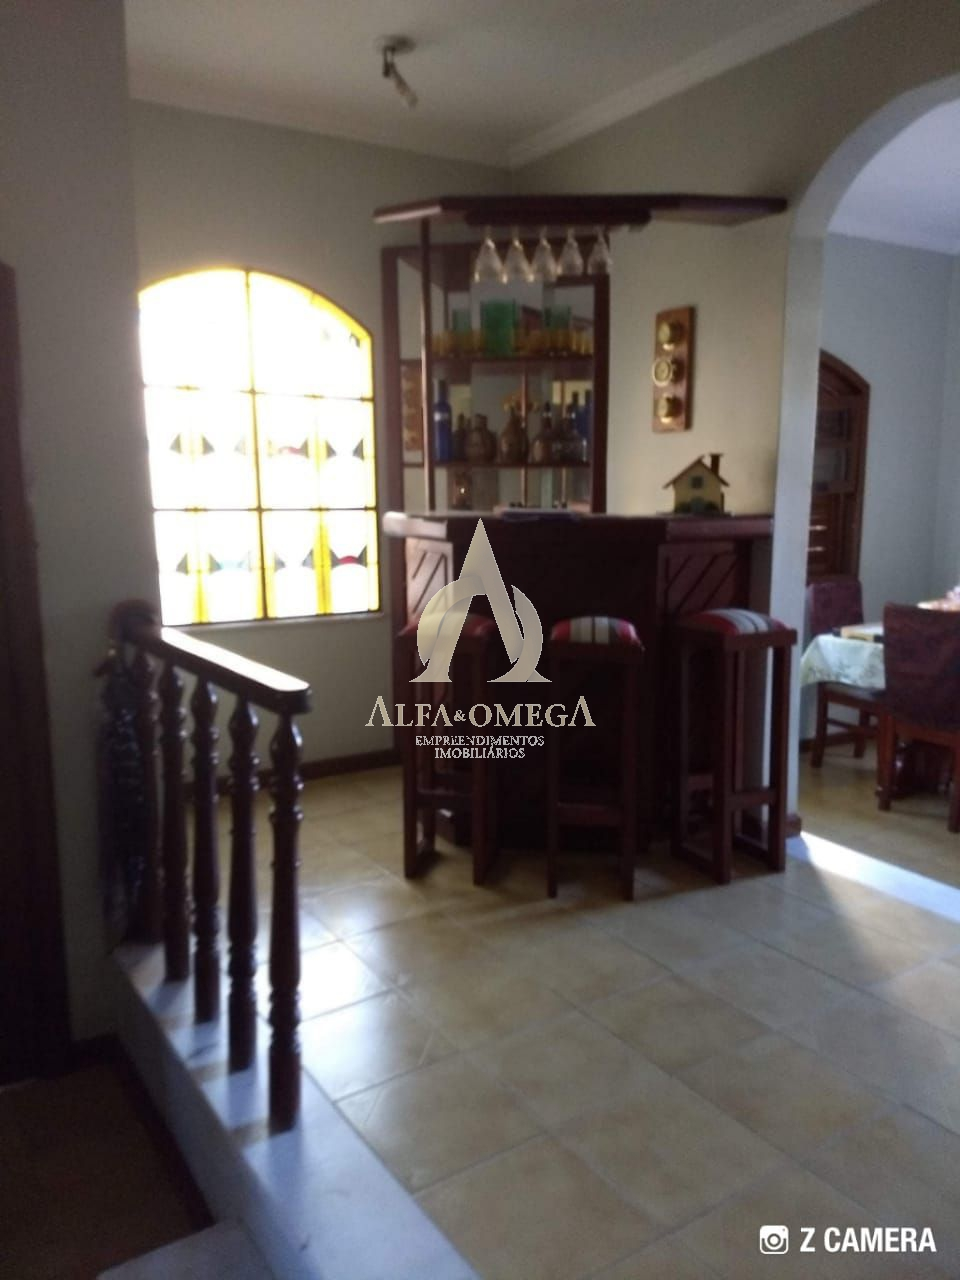 FOTO 4 - Casa em Condomínio 4 quartos à venda Barra da Tijuca, Rio de Janeiro - R$ 3.599.000 - AO60122 - 5